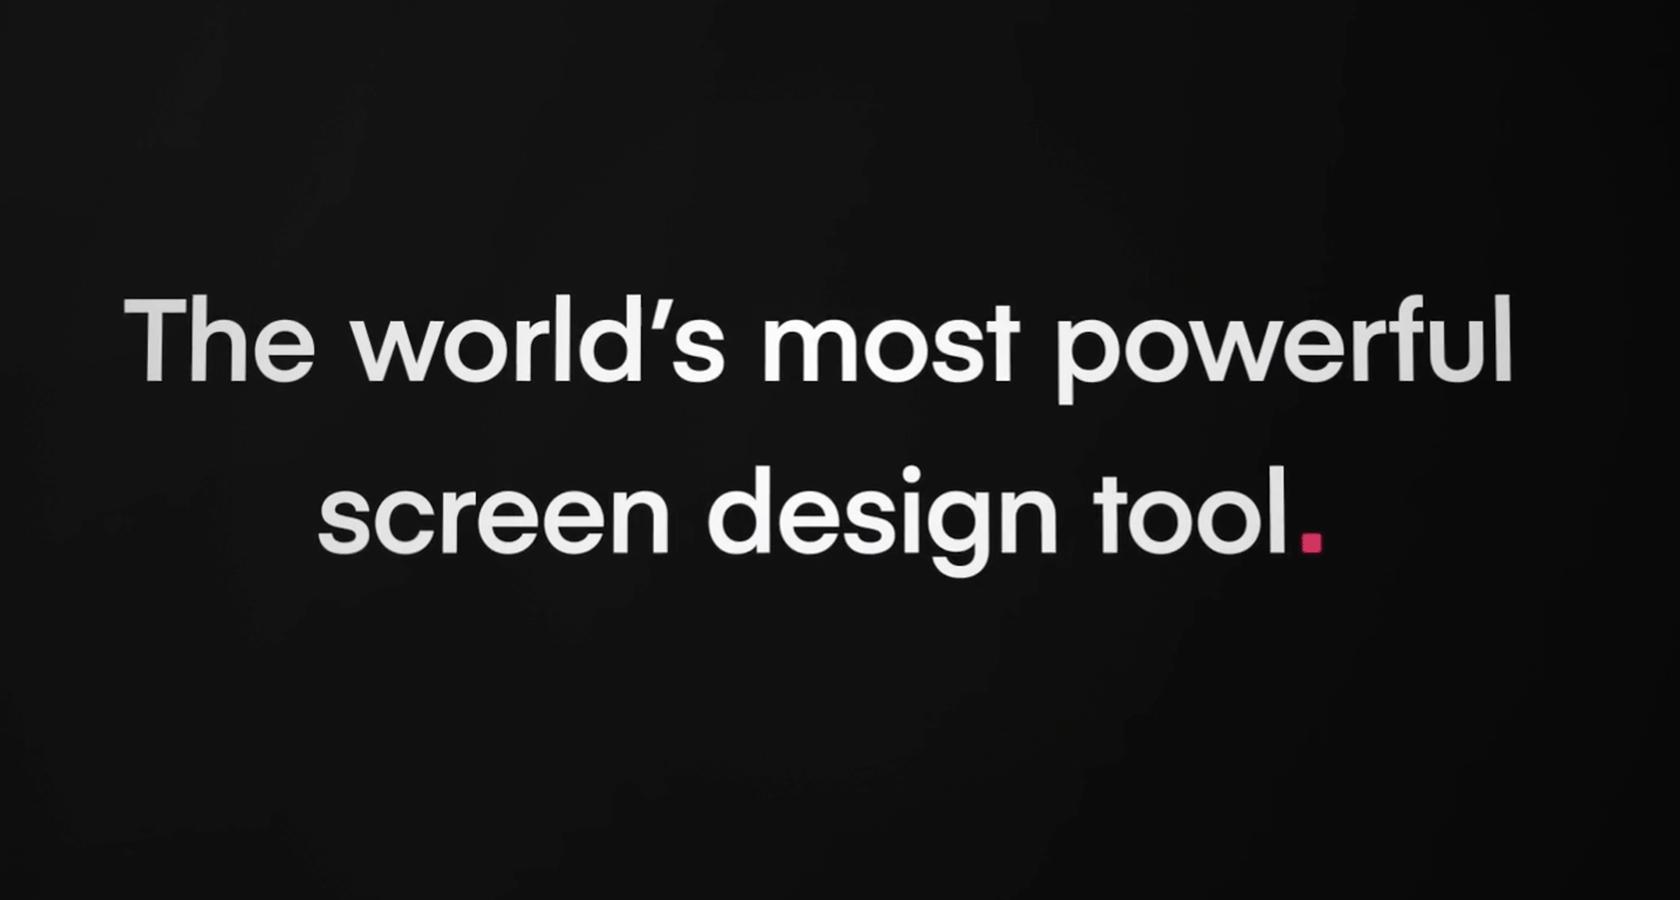 InVision Studio app design tool promise